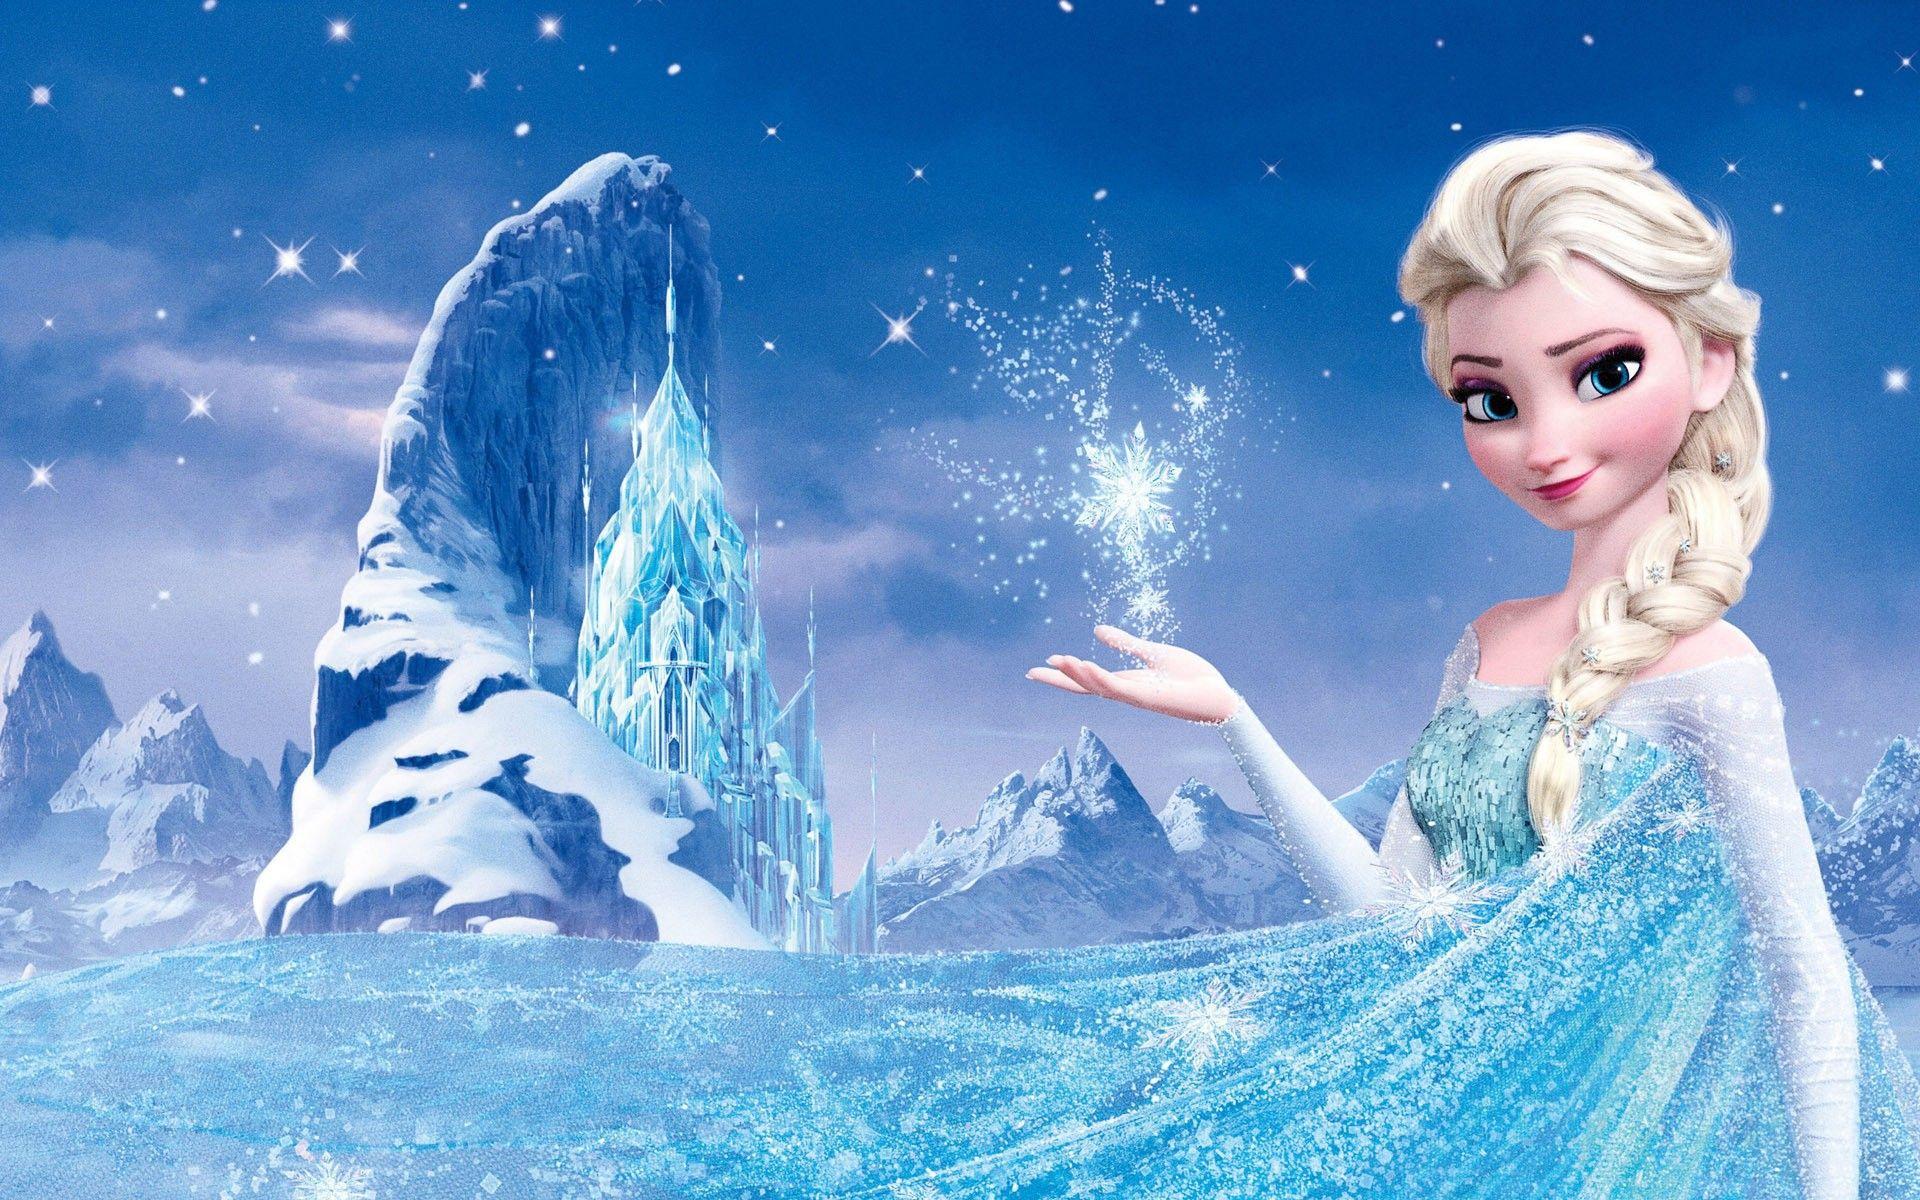 frozen 2 background